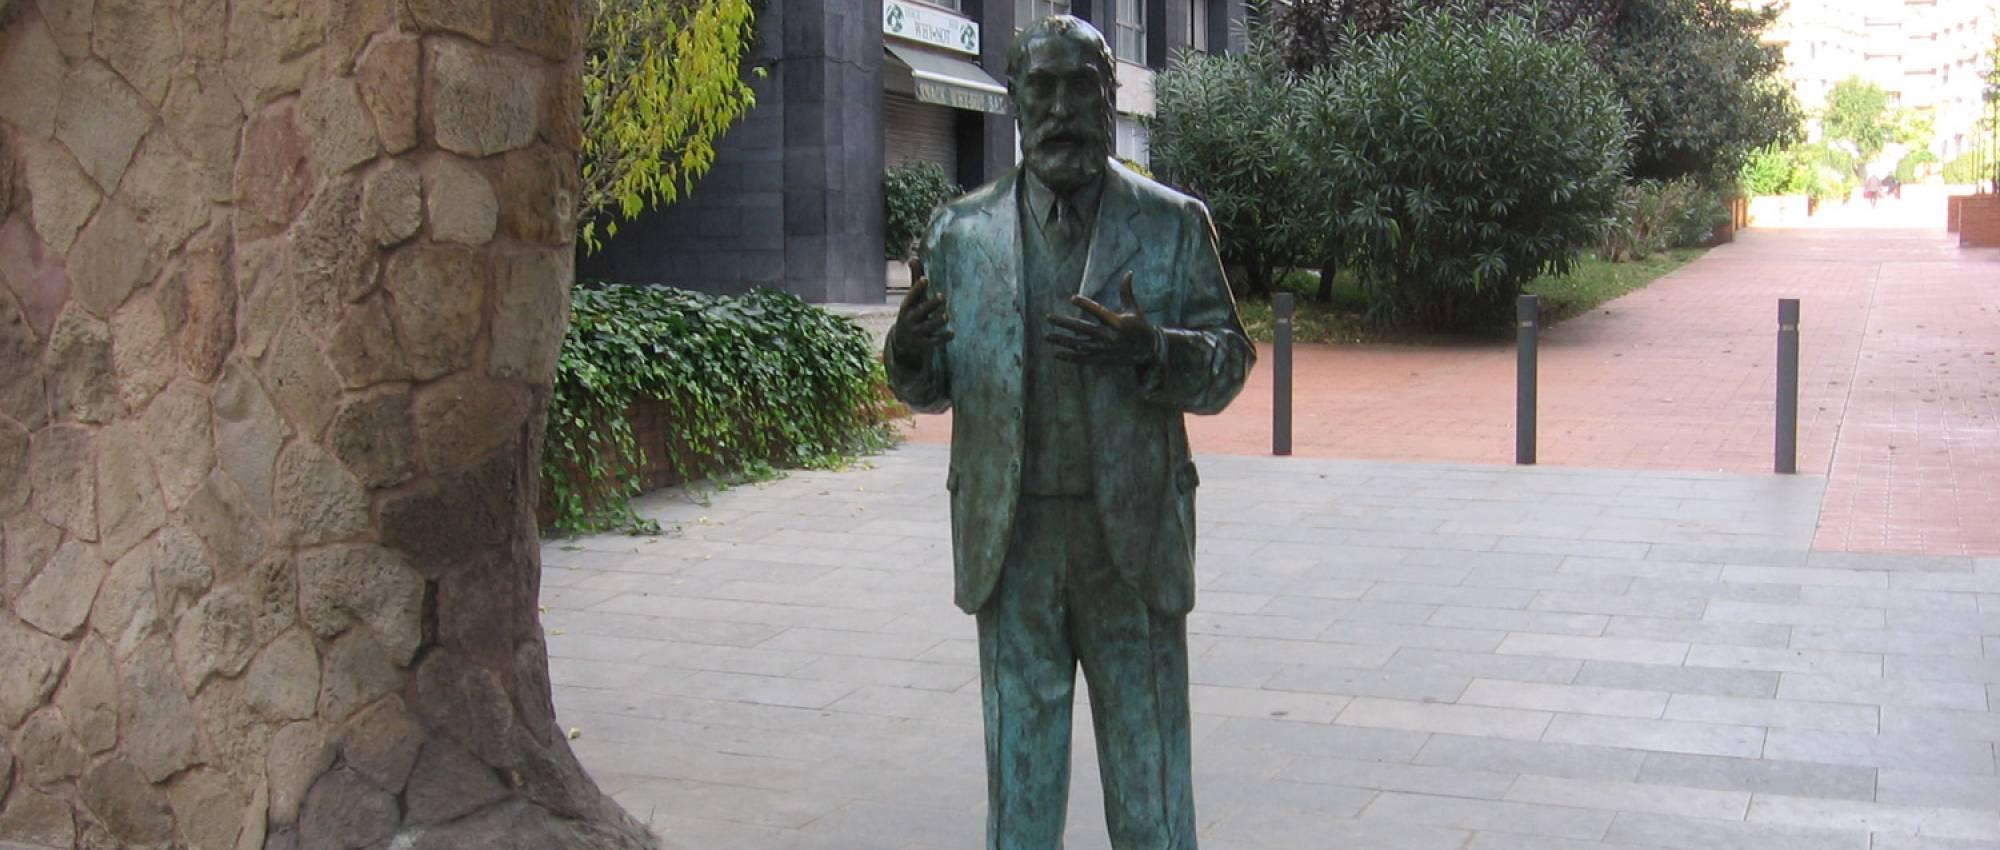 Estàtua d'Antoni Gaudí, de Joaquim Camps. CC BY-SA 3.0 - Canaan / Wikimedia Commons